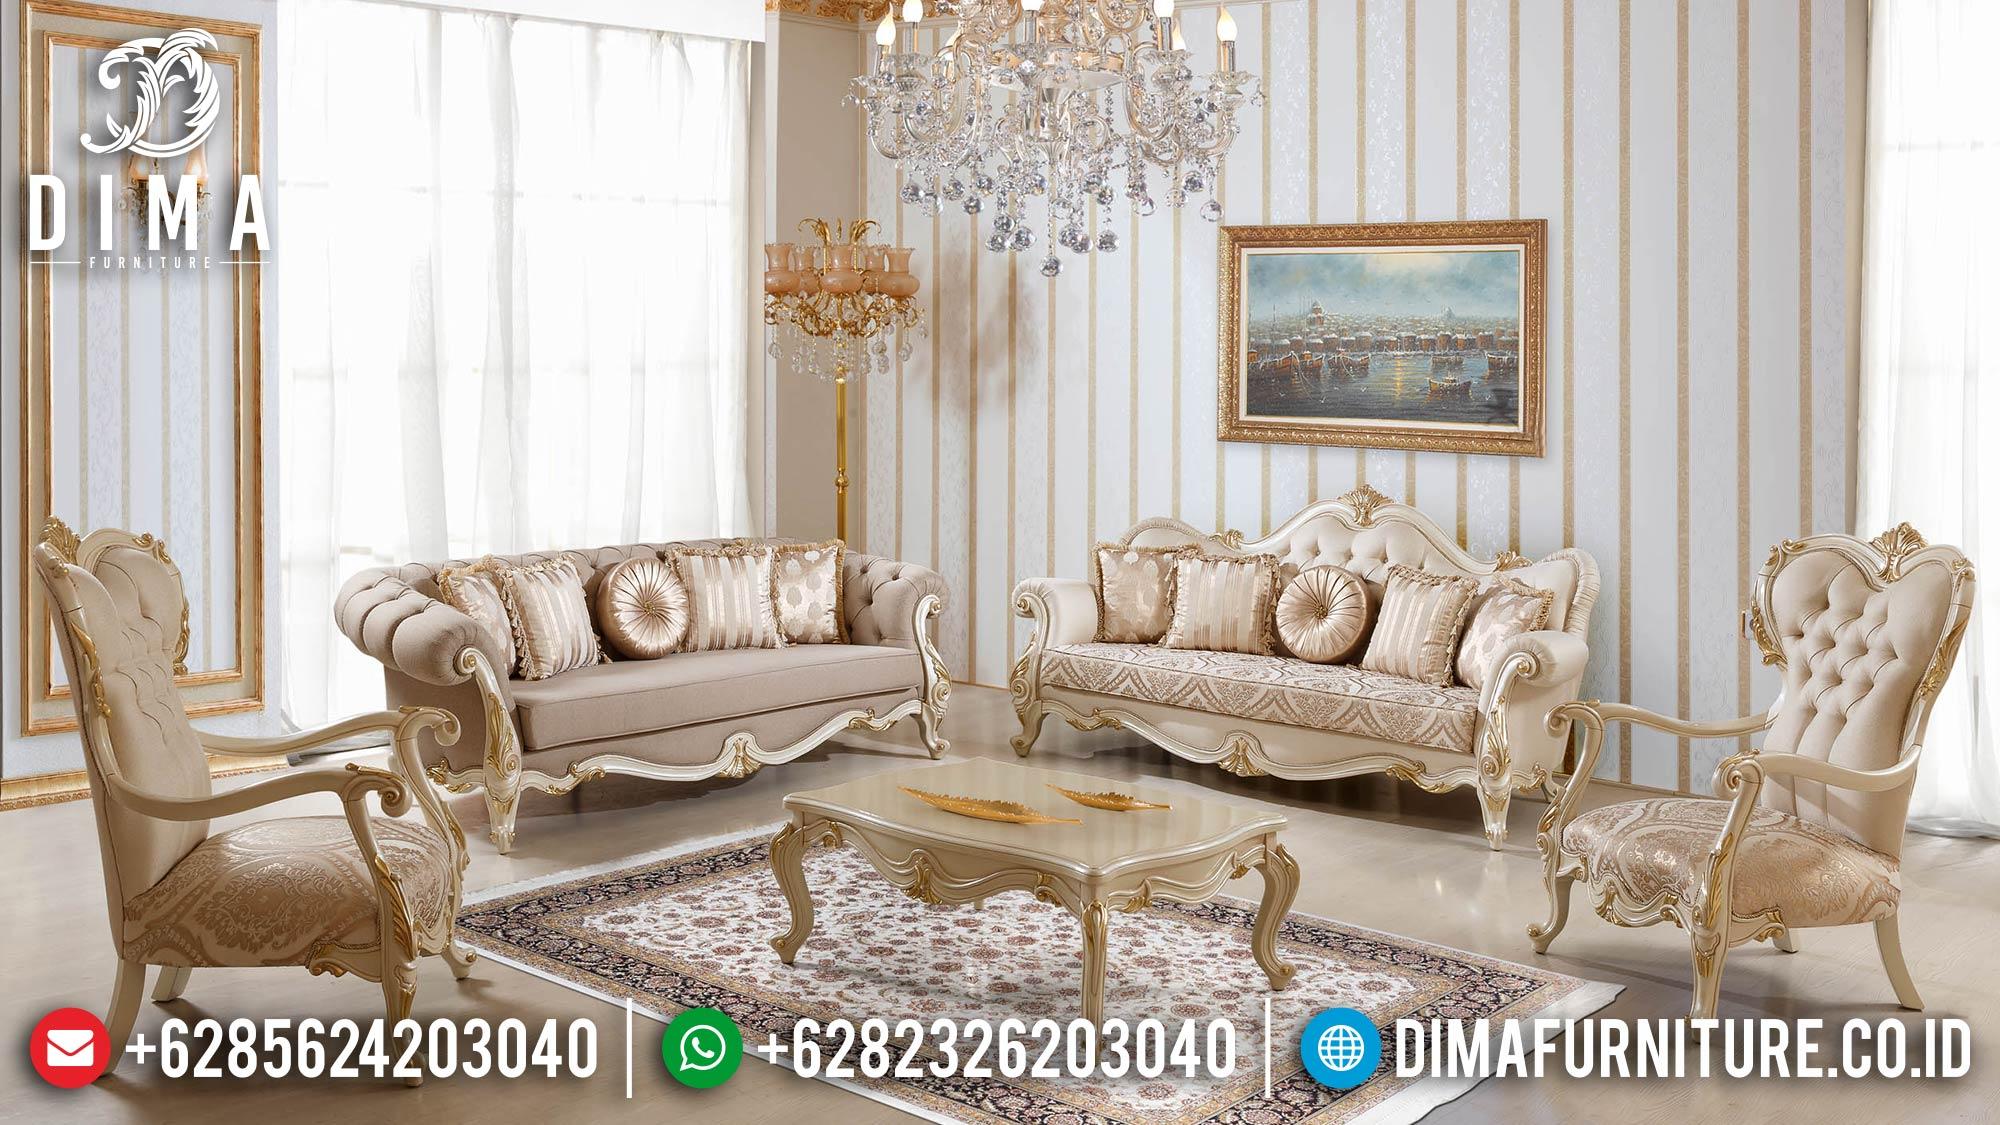 Sofa Tamu Mewah Classic Luxury Jepara Excellent Duco Color Terbaru Mm-0920